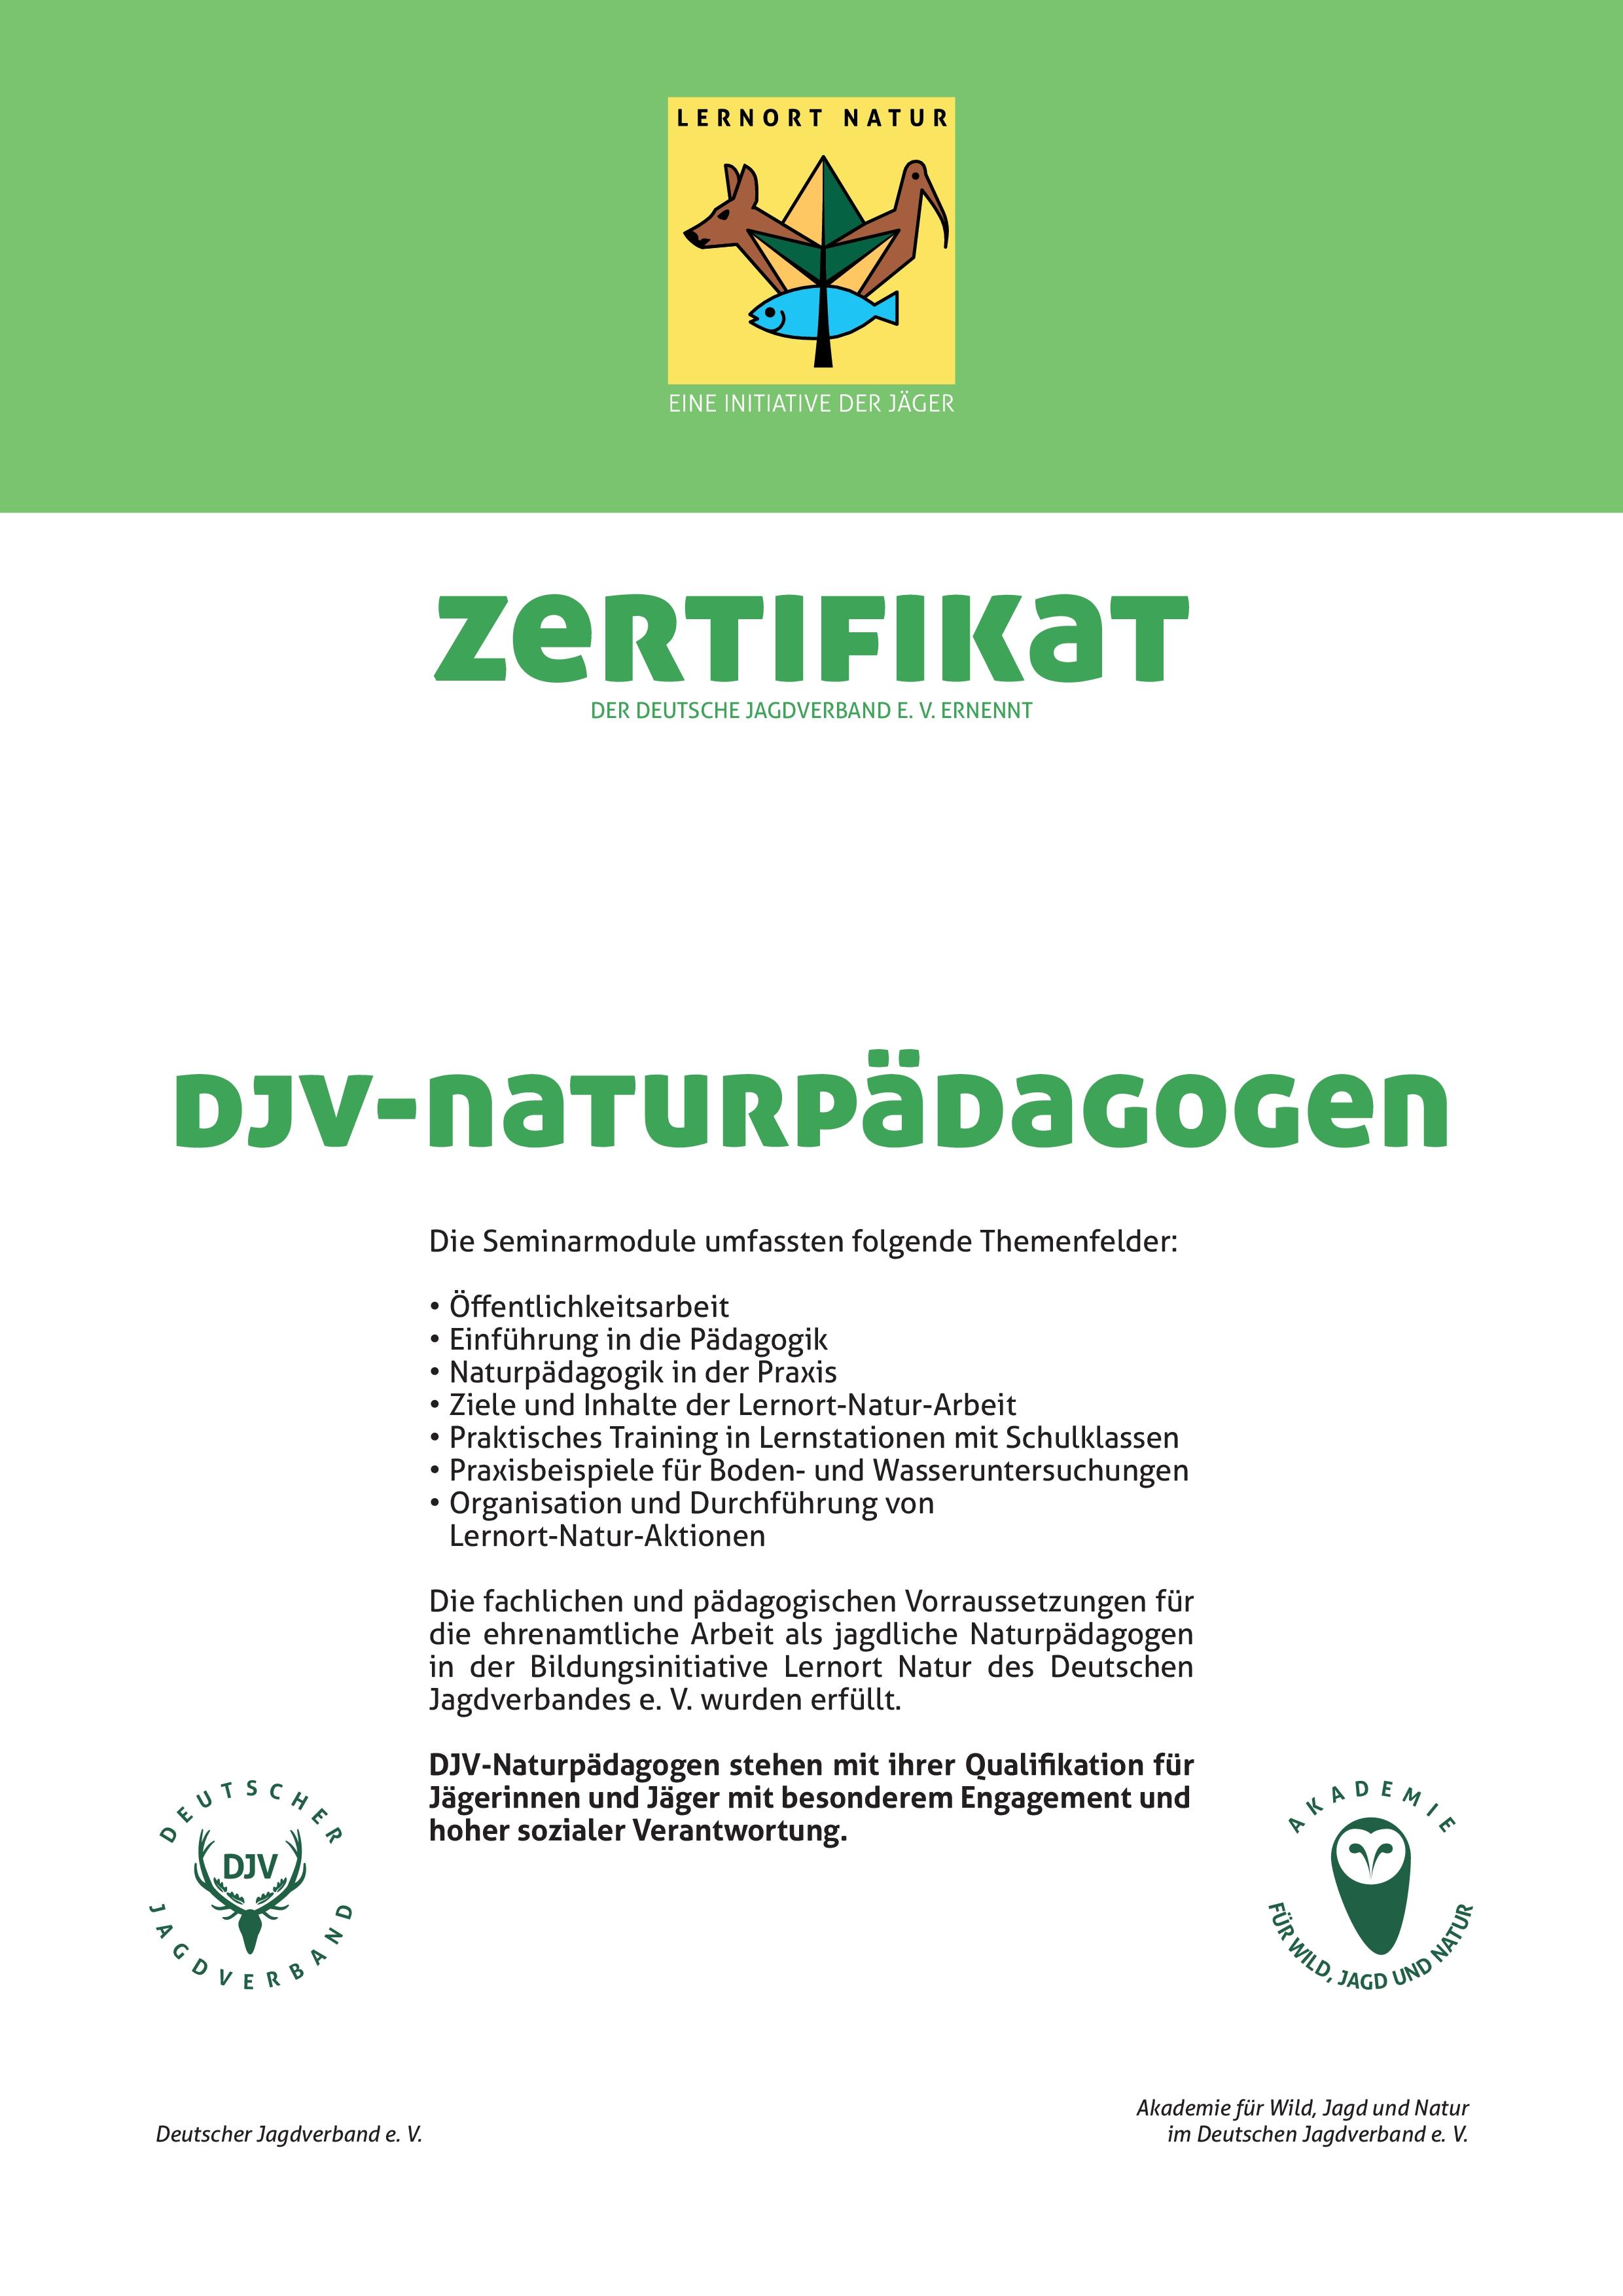 DJV Naturpädagoge | Deutscher Jagdverband